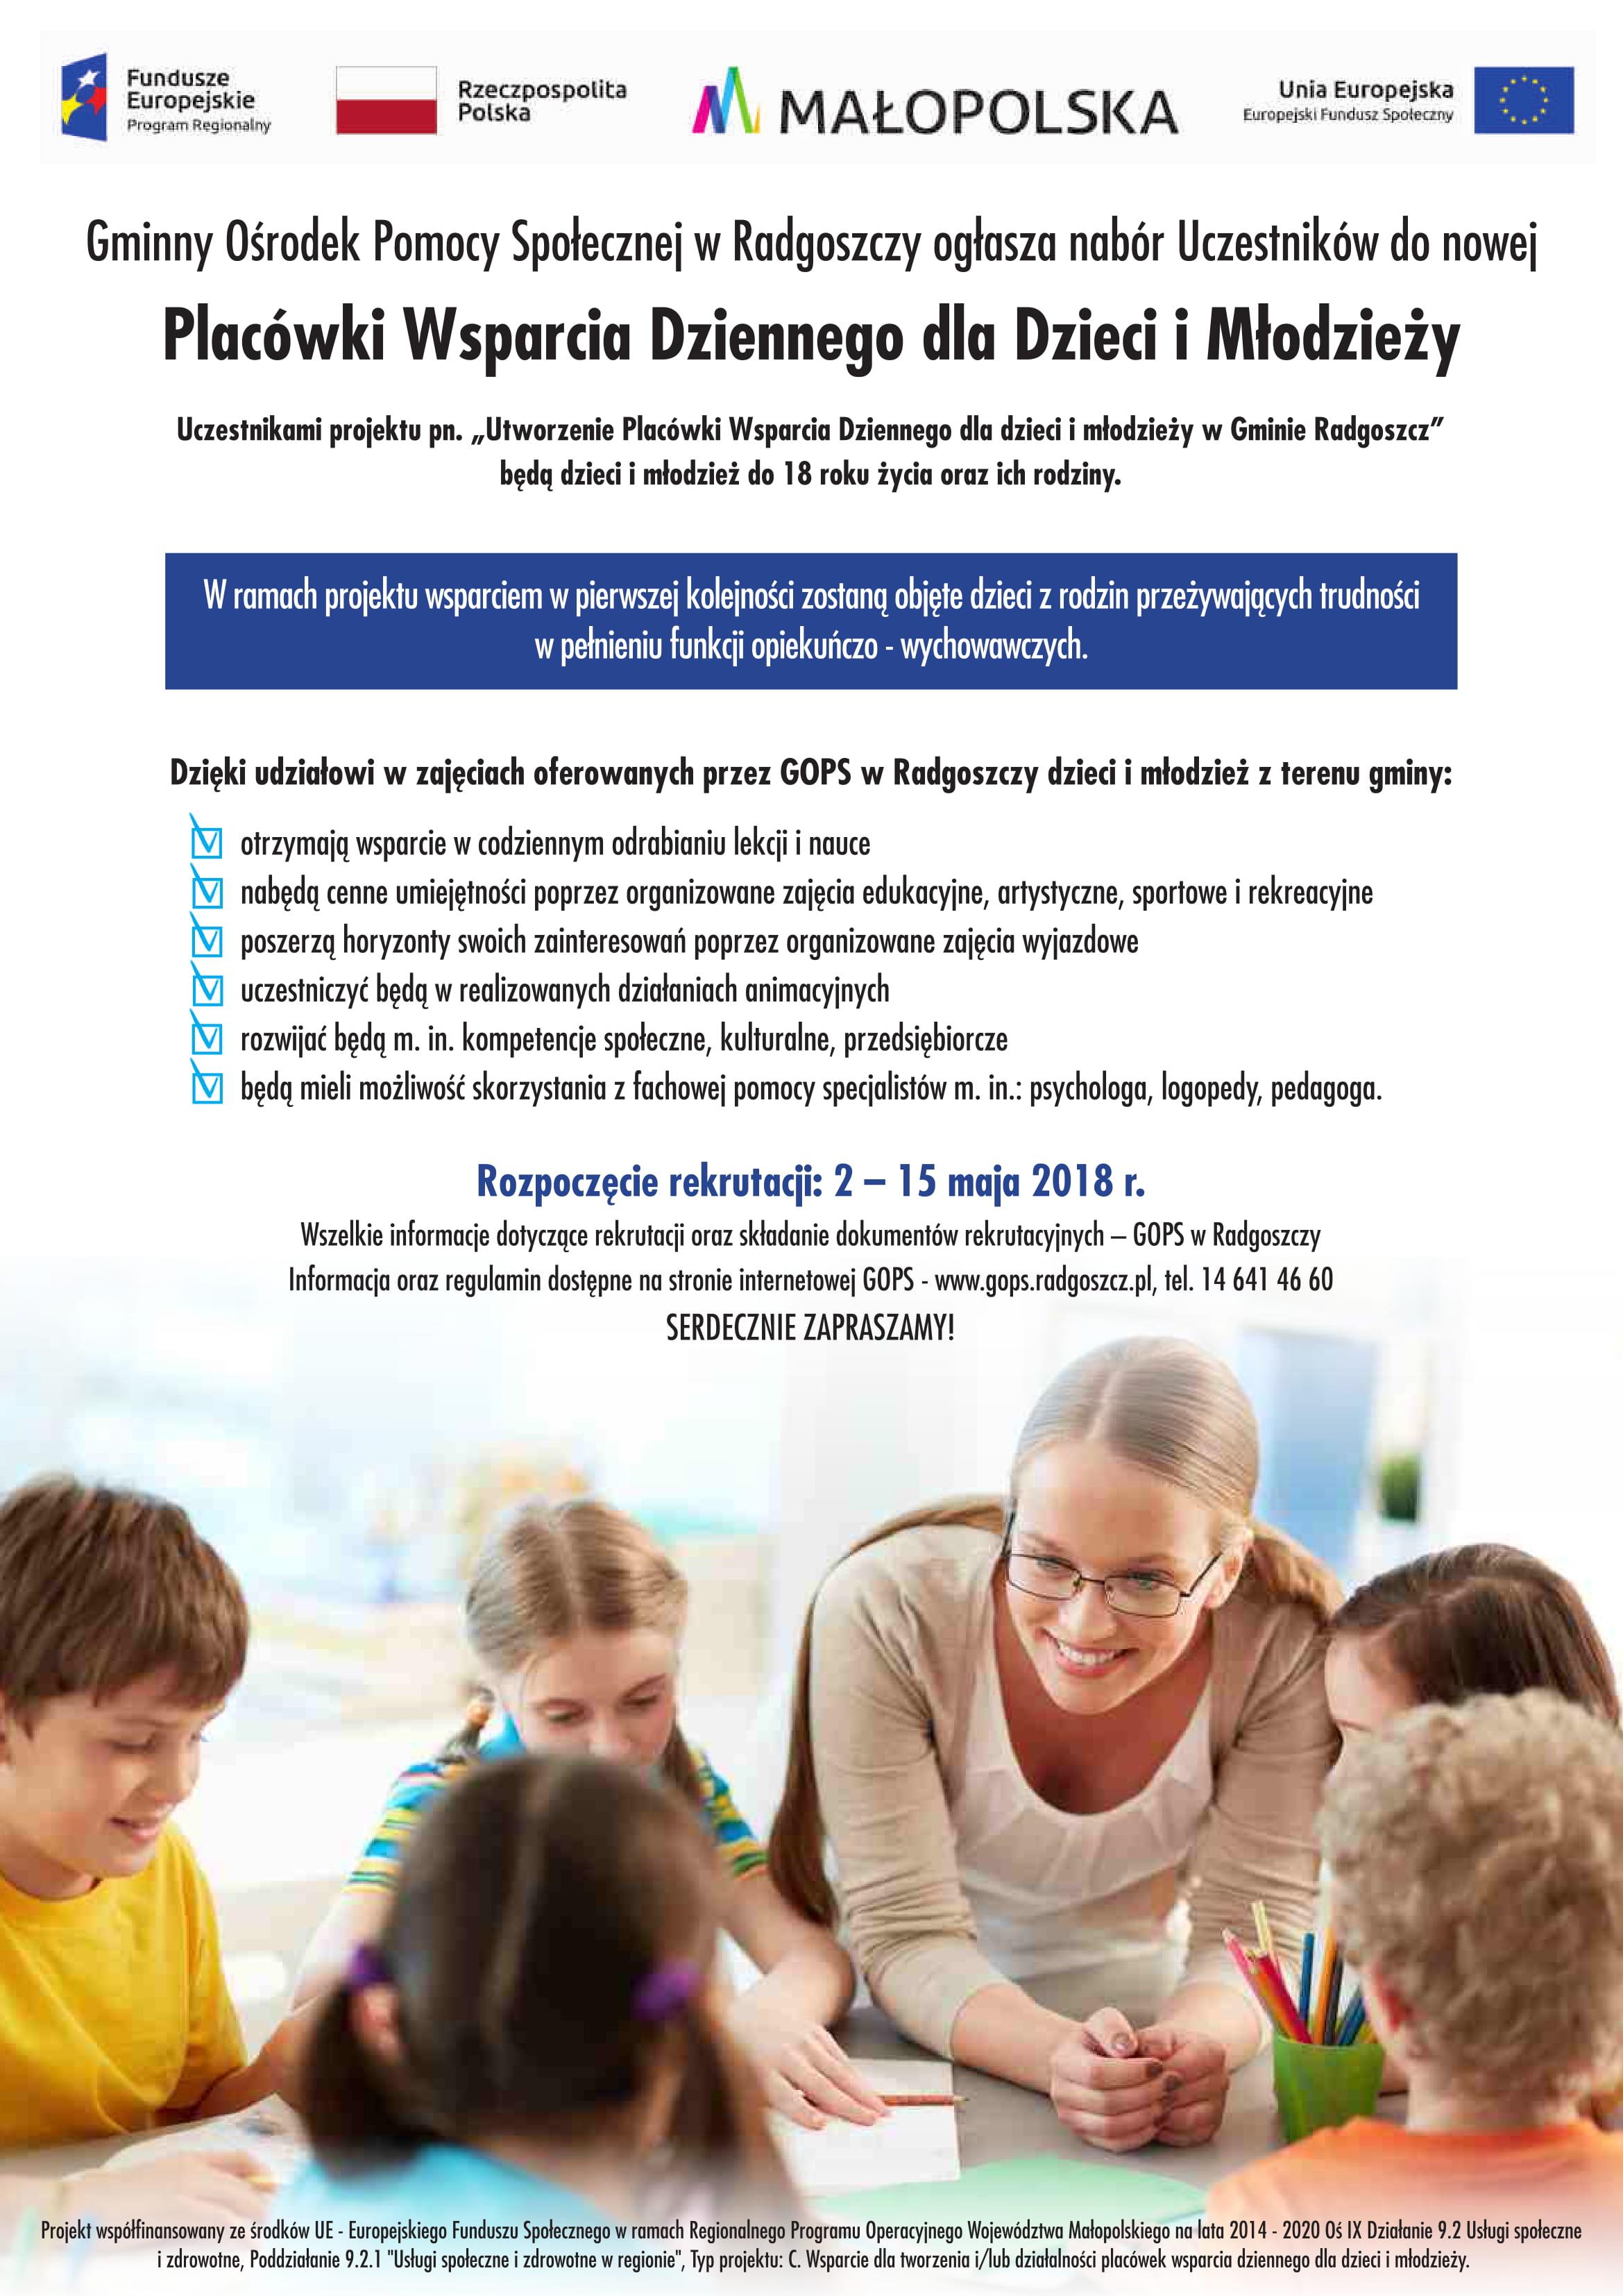 Placówka Wsparcia Dziennego dla Dzieci i Młodzieży